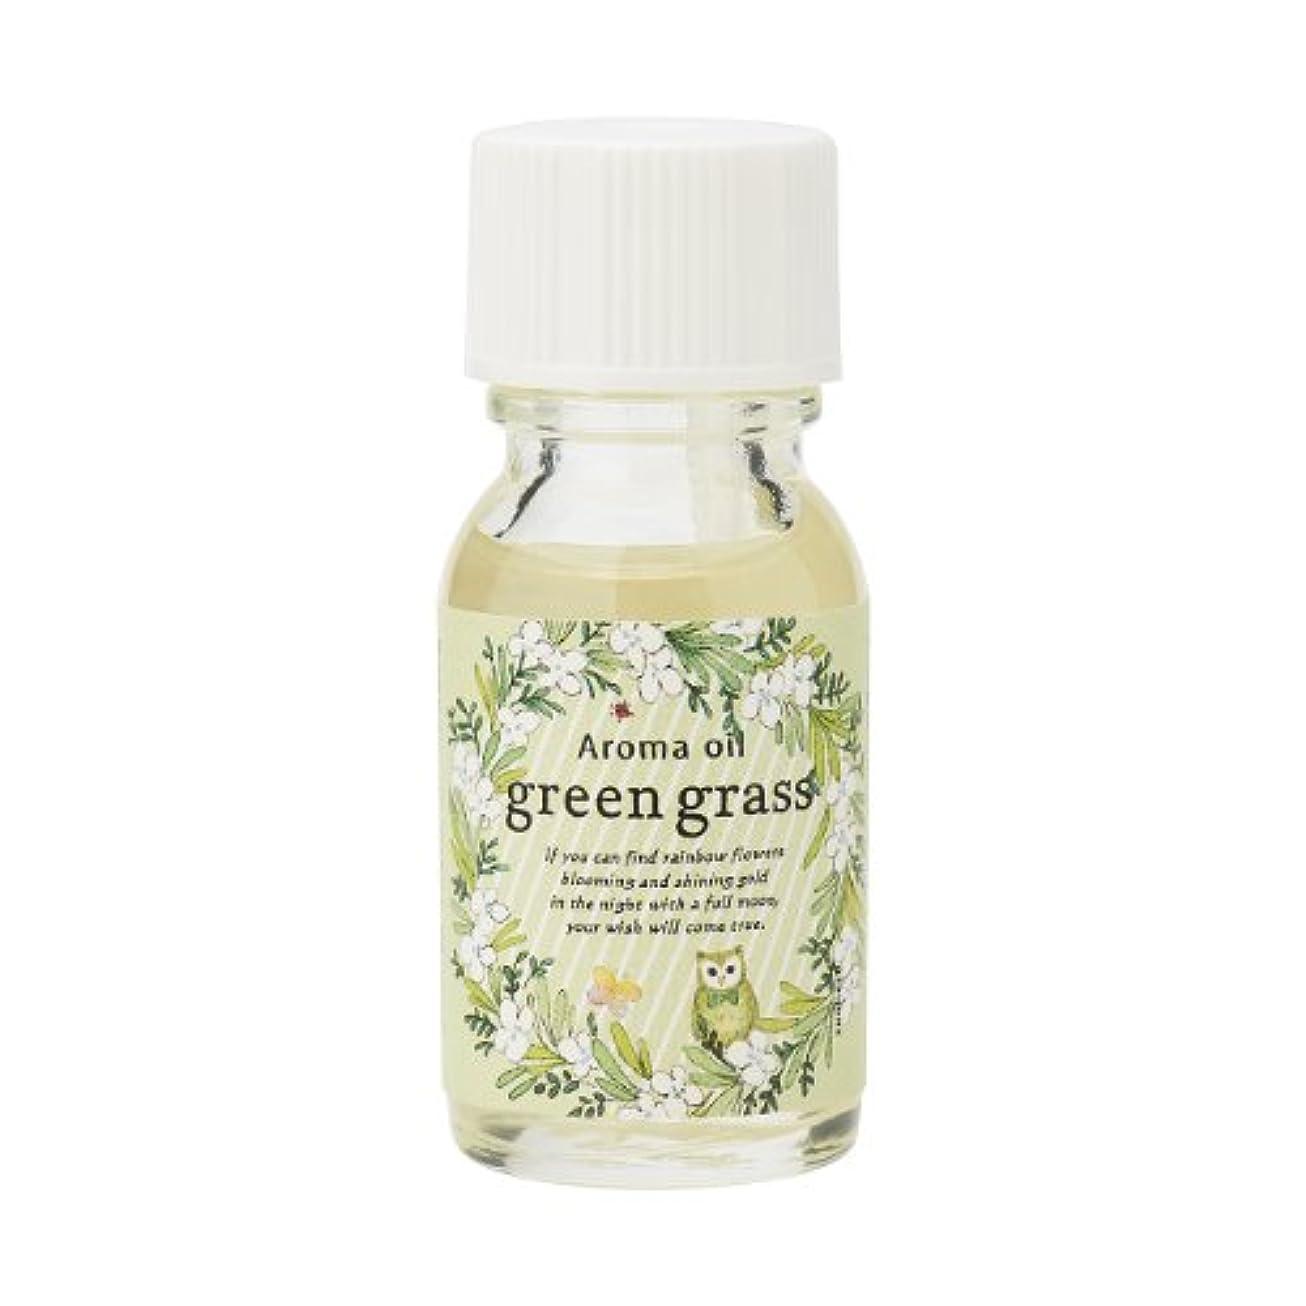 経度遵守するこれらサンハーブ アロマオイル グリーングラス 13ml(爽やかでちょっと大人の香り)